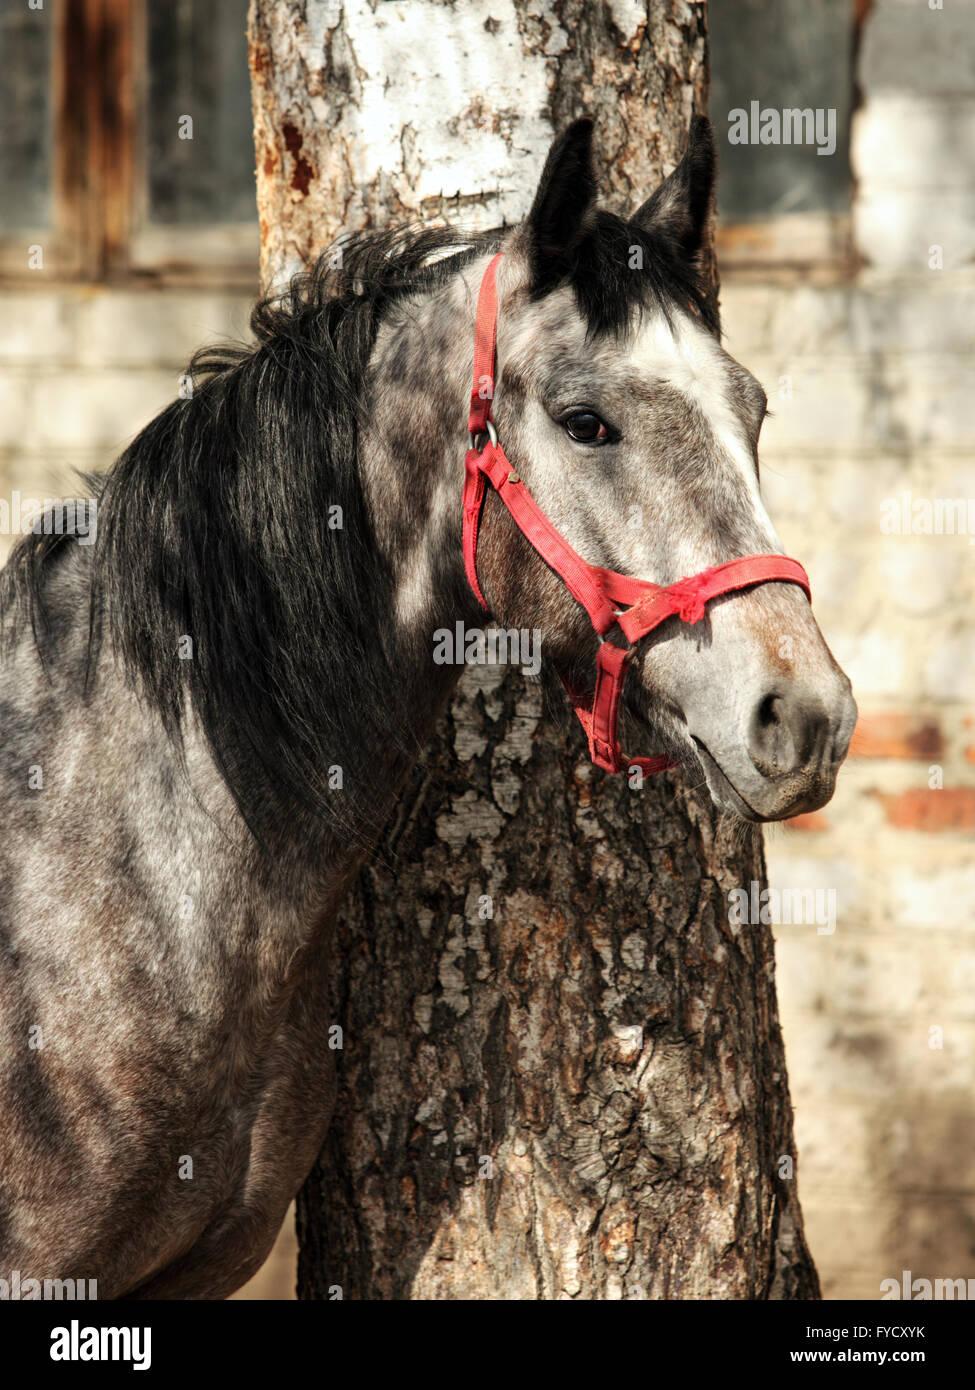 Dapple gray Lusitano horse colt in stud farm - Stock Image